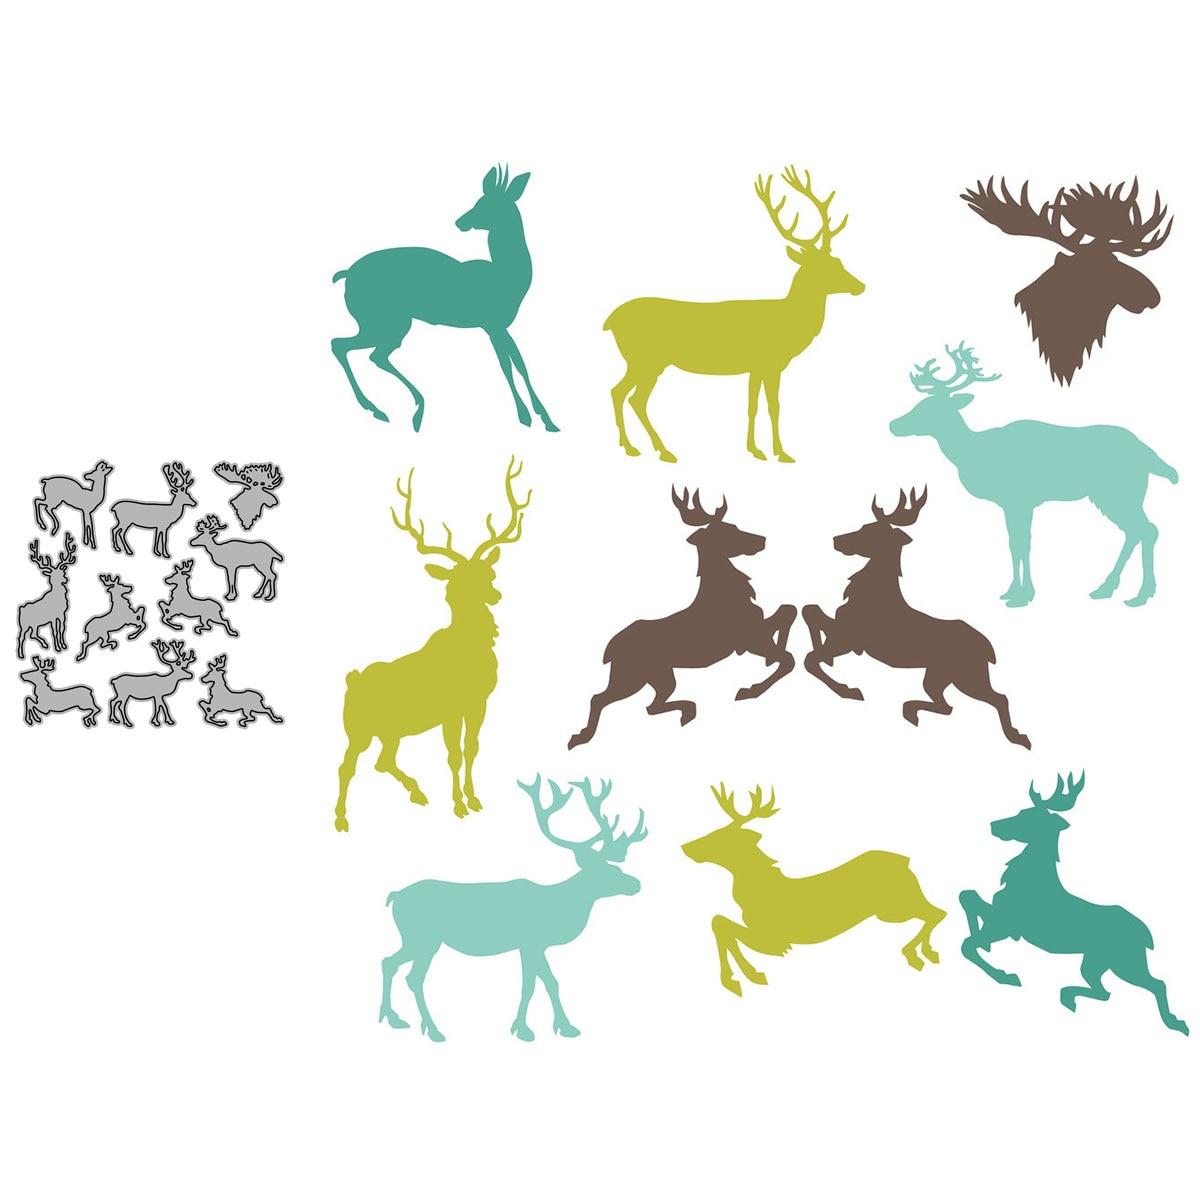 Noel geyik şekli seti kağıt kesim Metal zanaat ölür kart yapımı şablonlar Diy manuel Scrapbooking yeni kabartma ölür 2021